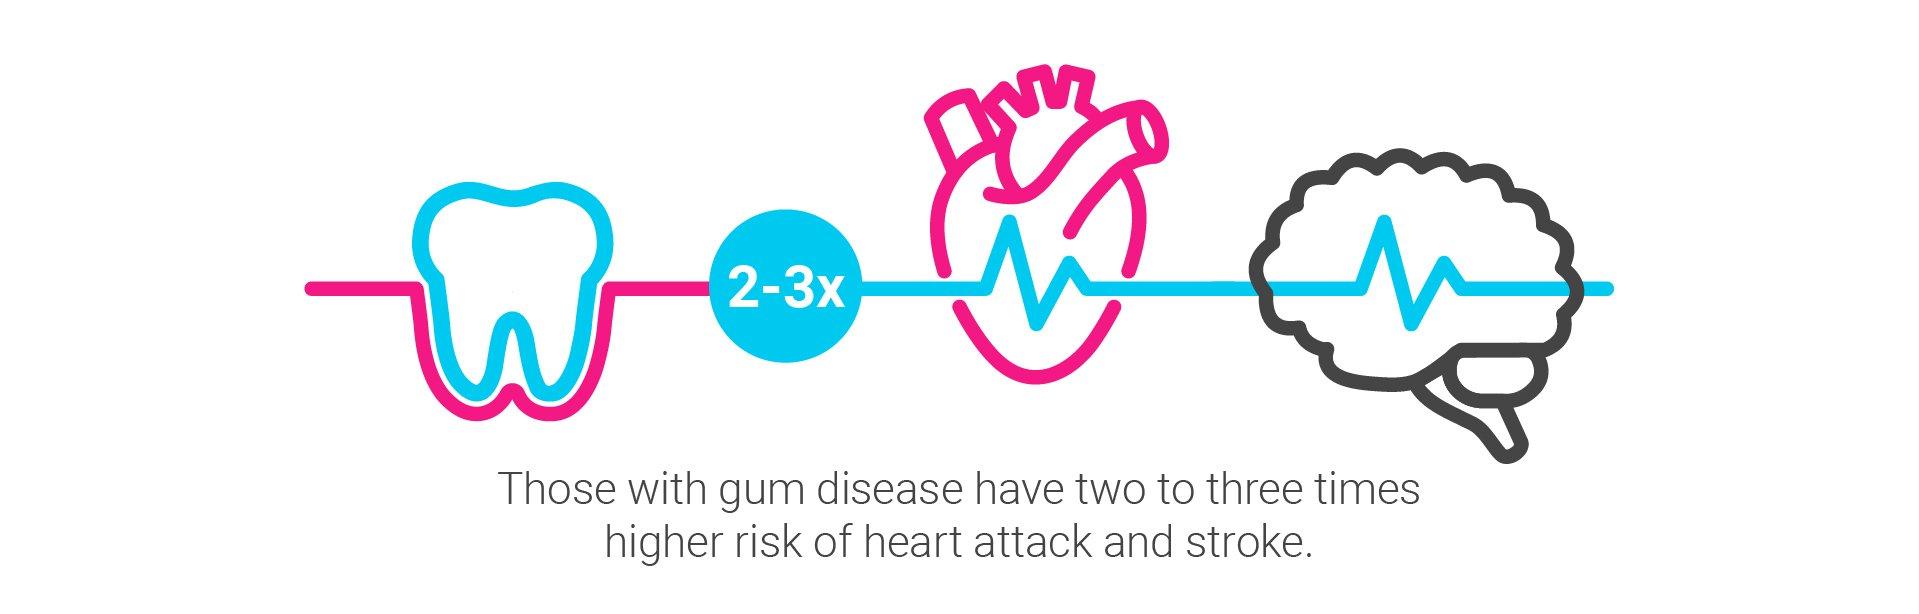 HeartAttack-05-1